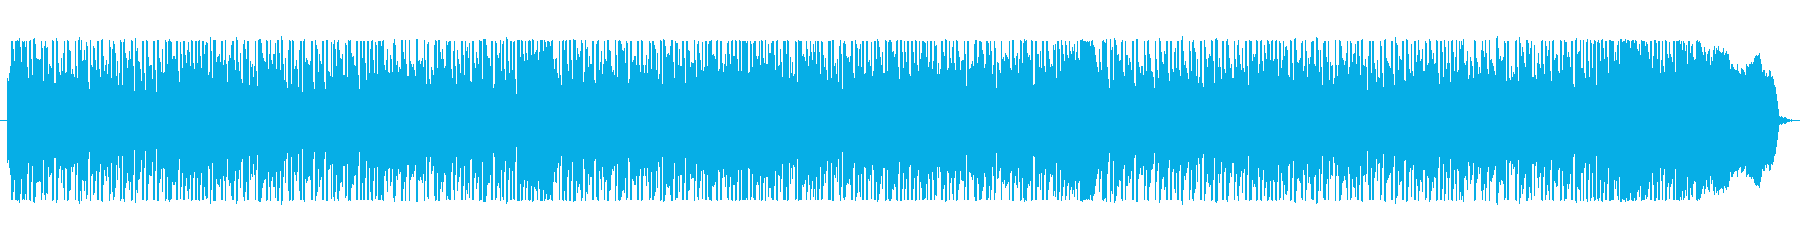 レッチリ風ファンクロックバンドサウンドの再生済みの波形